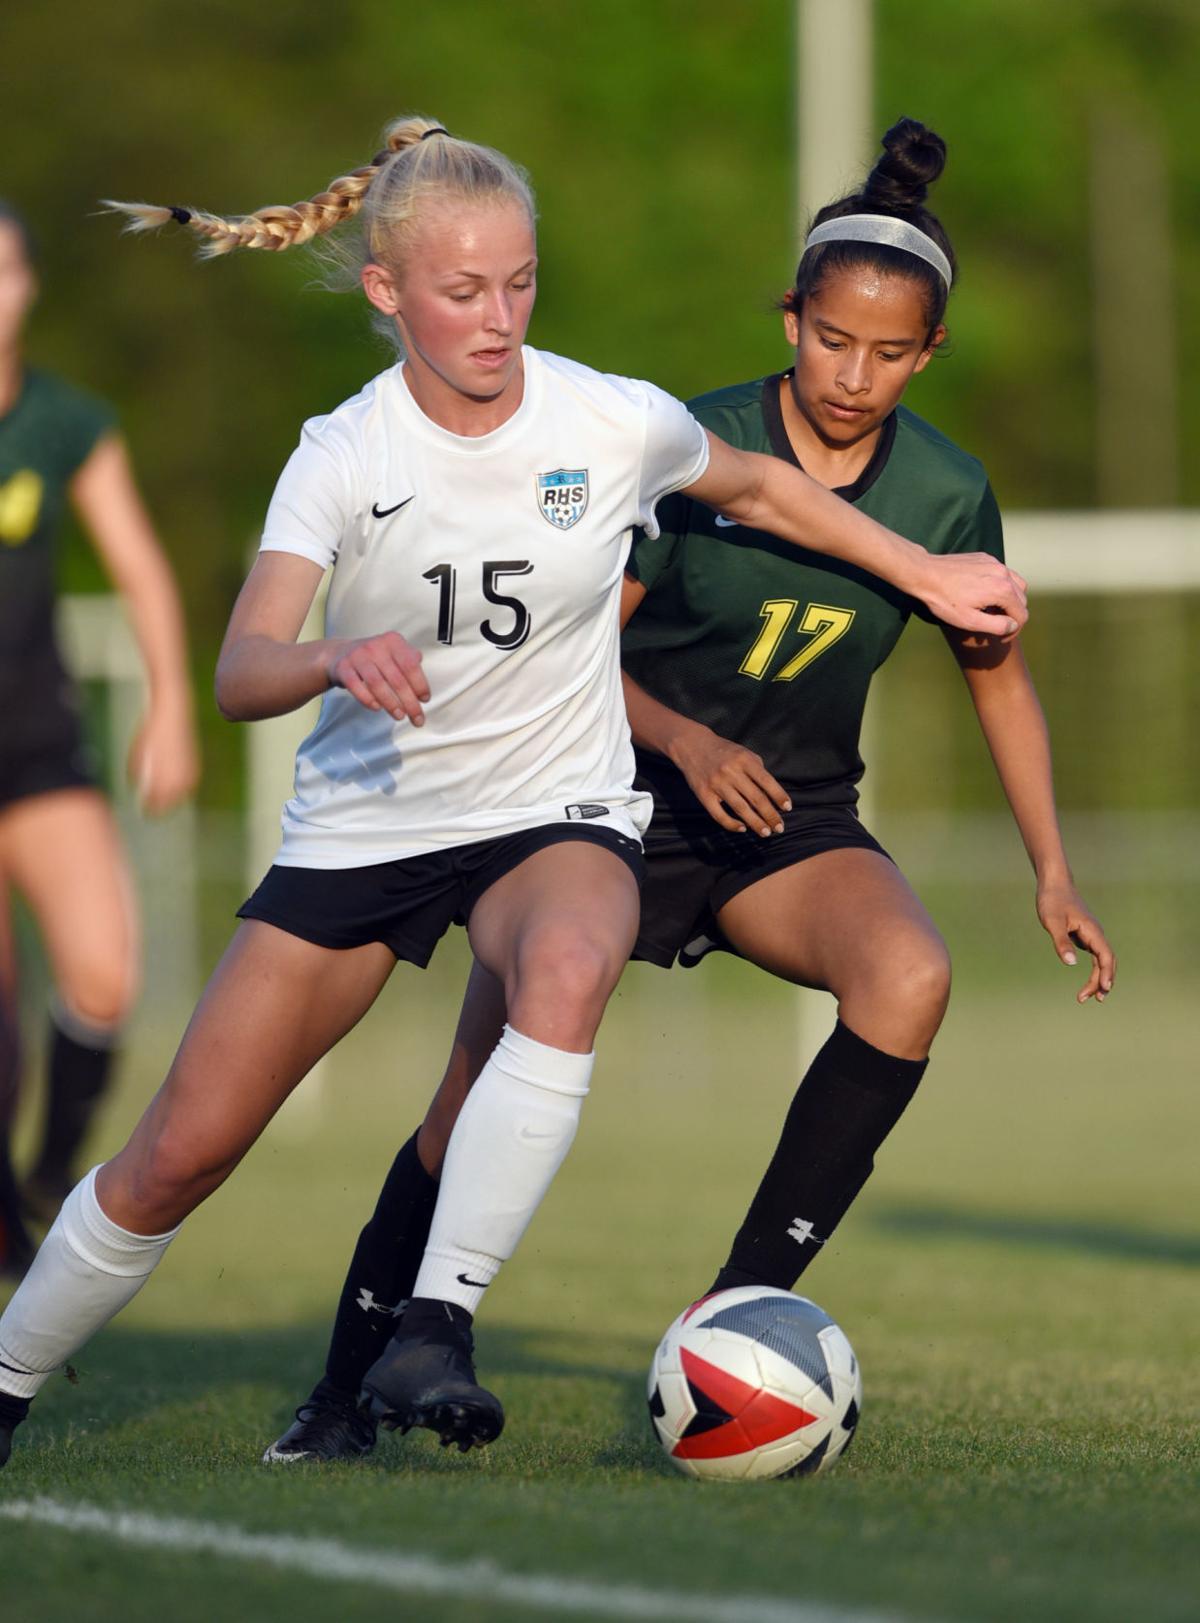 West Forsyth v. Reagan soccer